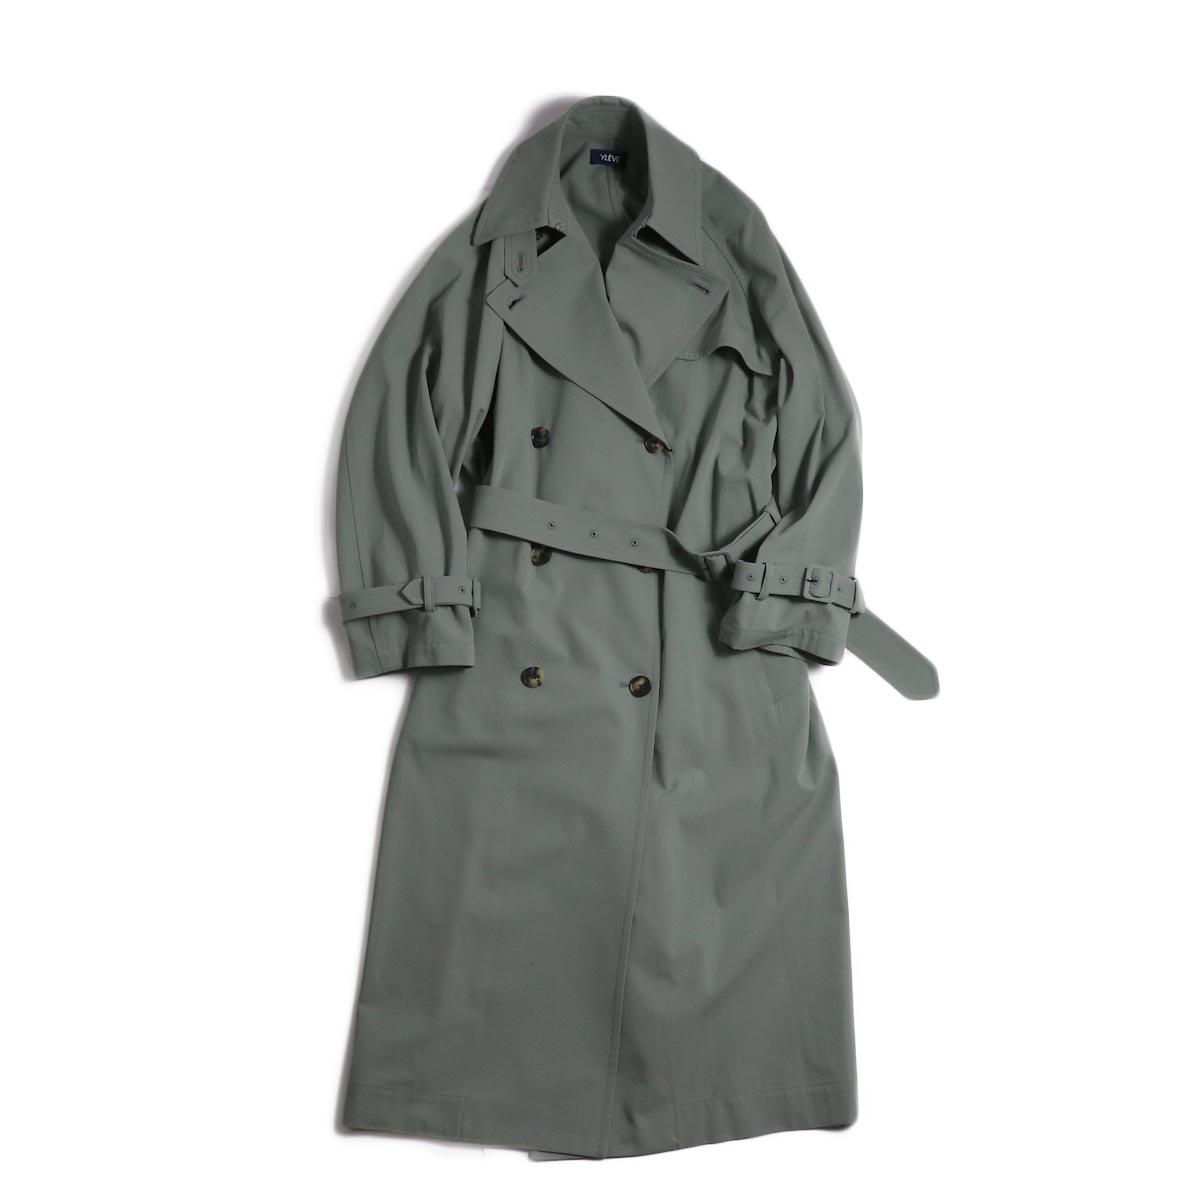 YLEVE / Cotton/Linen High Twist Twill Coat -Sage